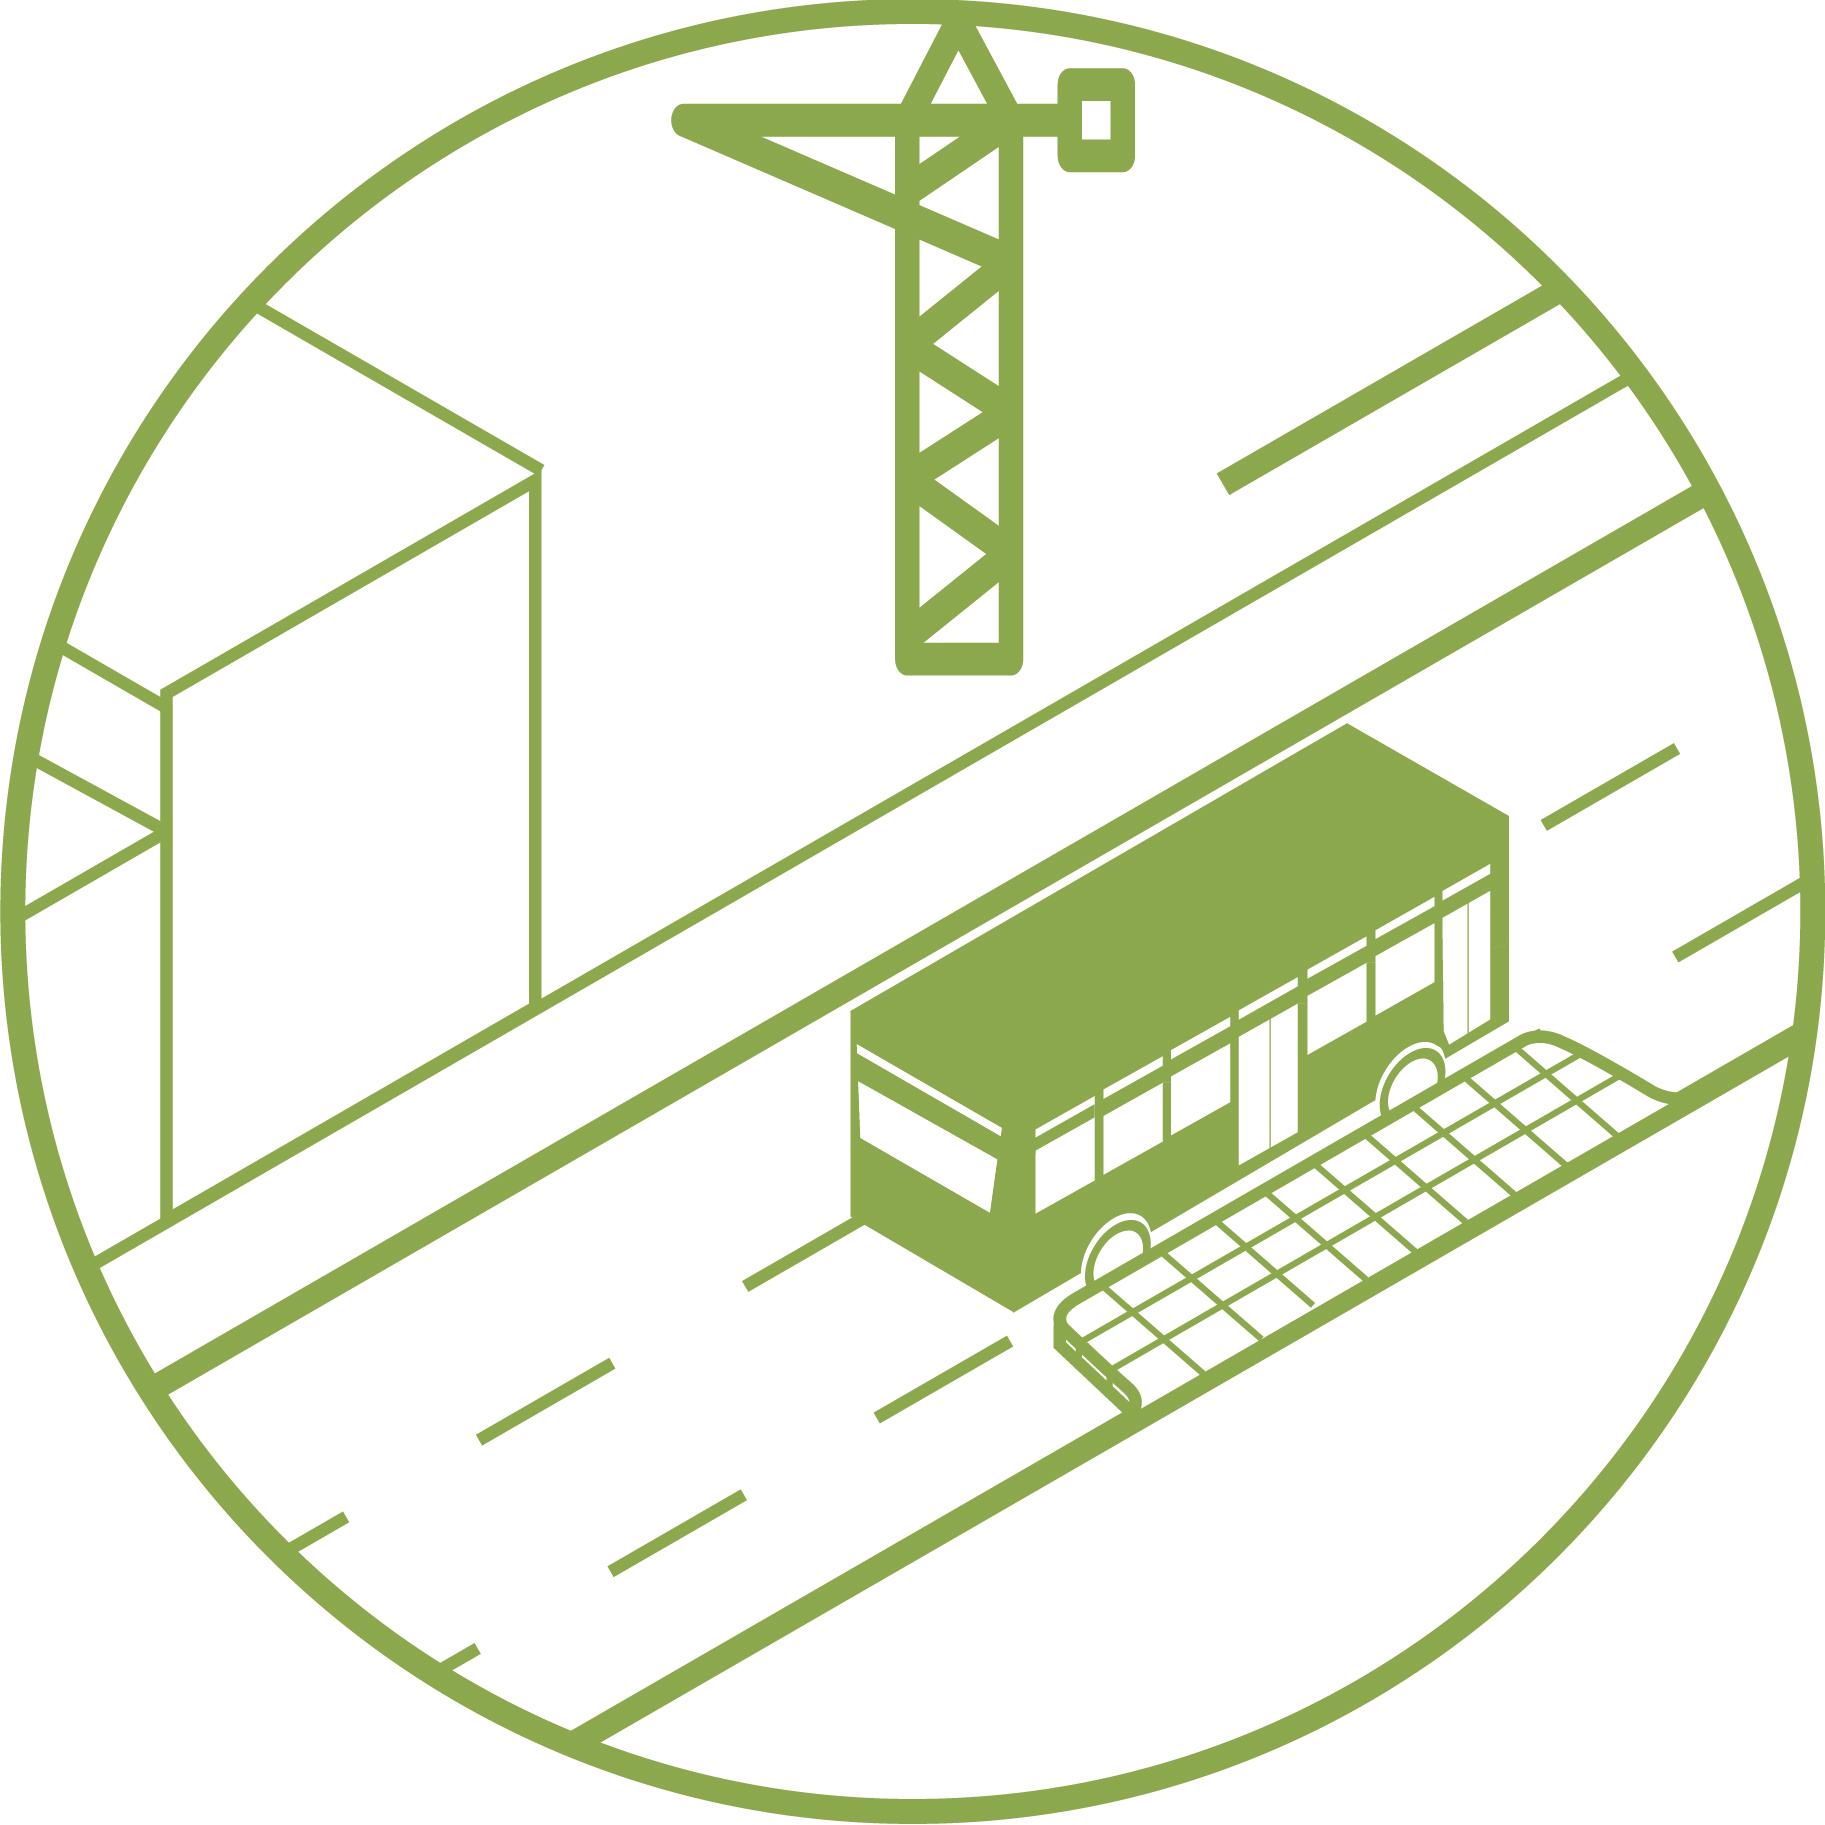 Transit Street Principles-02